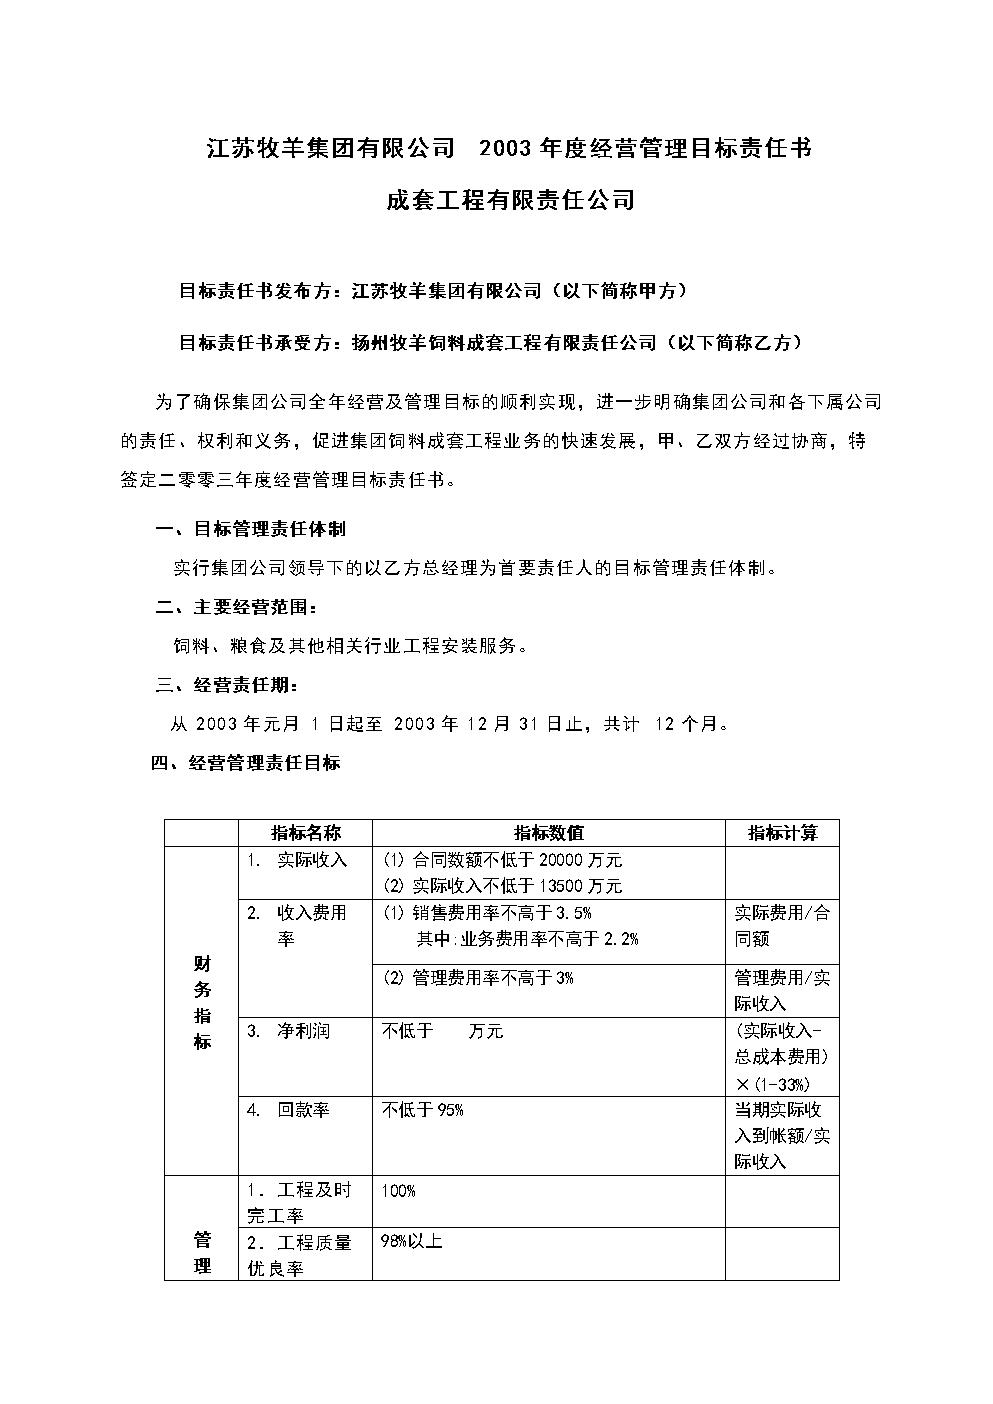 牧羊集团2003年度目标责任书(方案一).doc